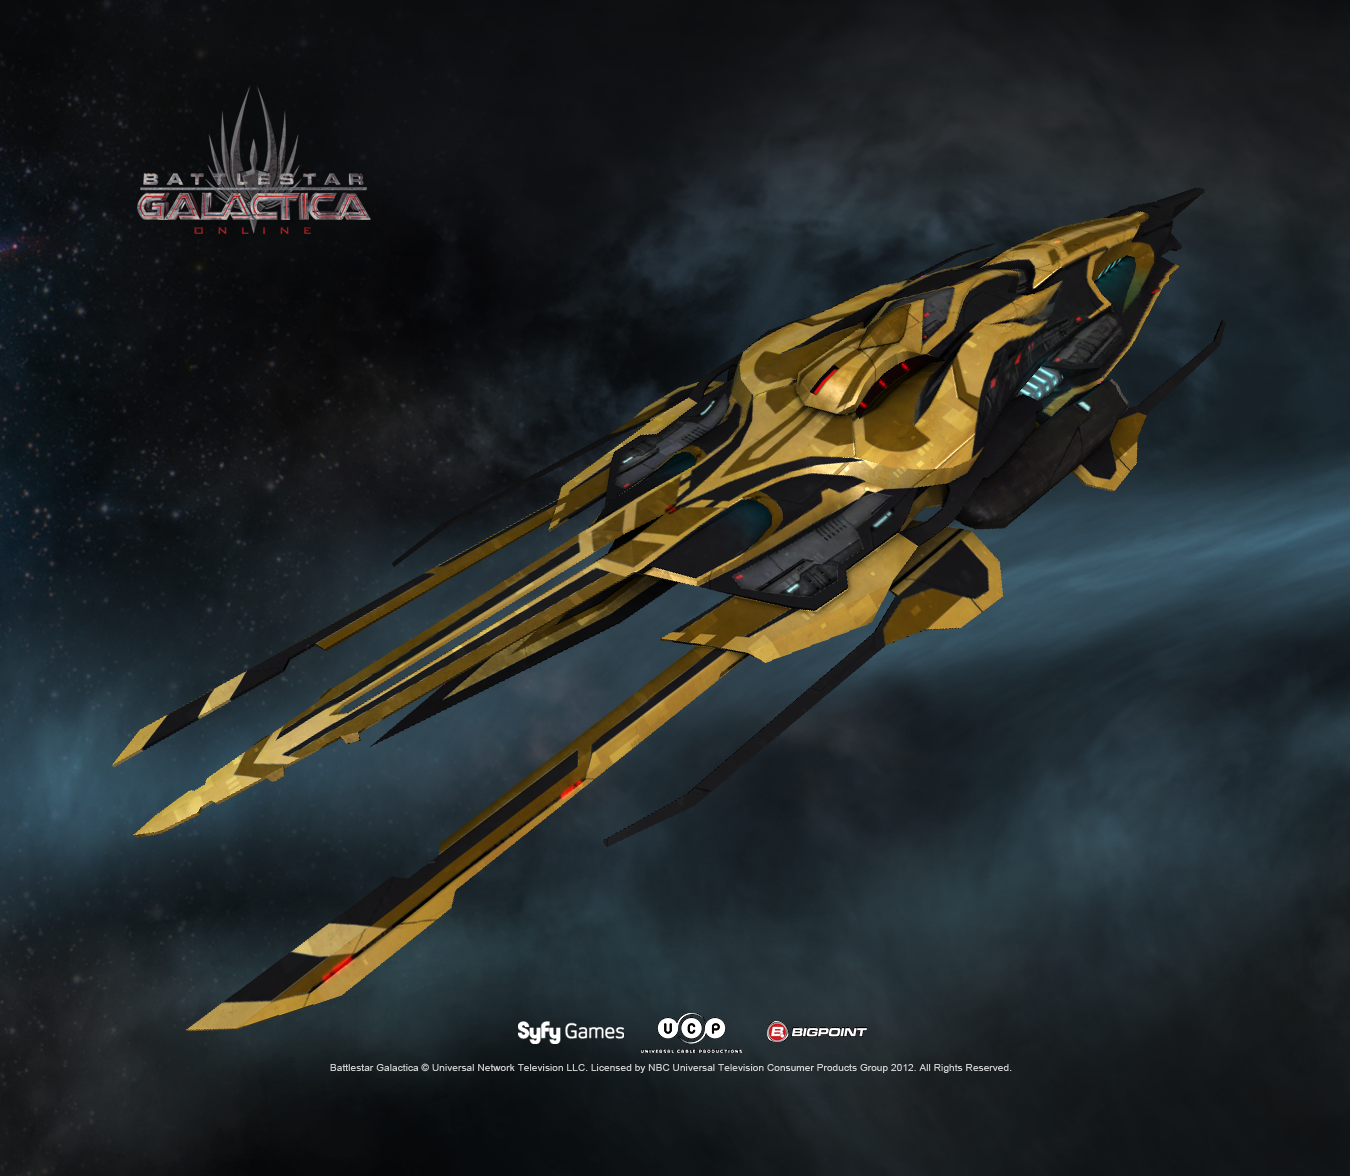 Battlestar Galactica Online wallpaper 4